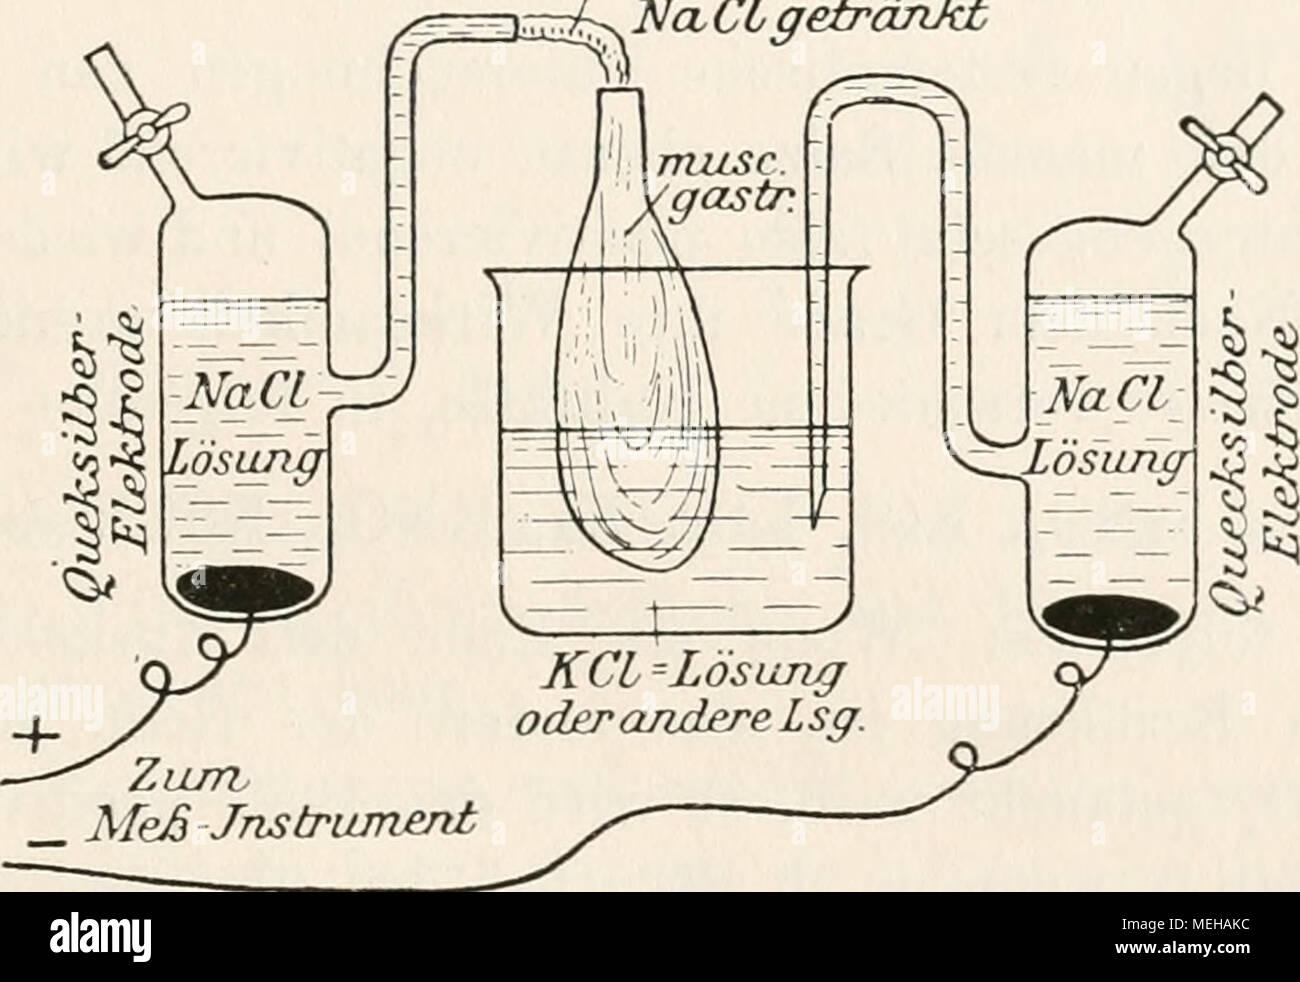 . Die Entstehung elektrischer Ströme in lebenden Geweben und ihre künstliche Nachahmung durch synthetische organische Substanzen; experimentelle Untersuchungen . Messung des Muskelstroms bei wechselnder asymmetrischer Ableitung. Um sicher zu sein, daß nur der negativierende Kalisalzelfekt gemessen wird, füllt man das Becherglas zunächst mit NaCl-Lösung und Nernst angegeben und experimentell bestätigt. Später vervollkommnete Planck die Methode der Berechnung. Nach dieser Theorie, die thermodynamisch be- gründet ist, hängt die PotentialdiiTerenz im wesentlichen von der Differenz der Wanderungsge Stock Photo